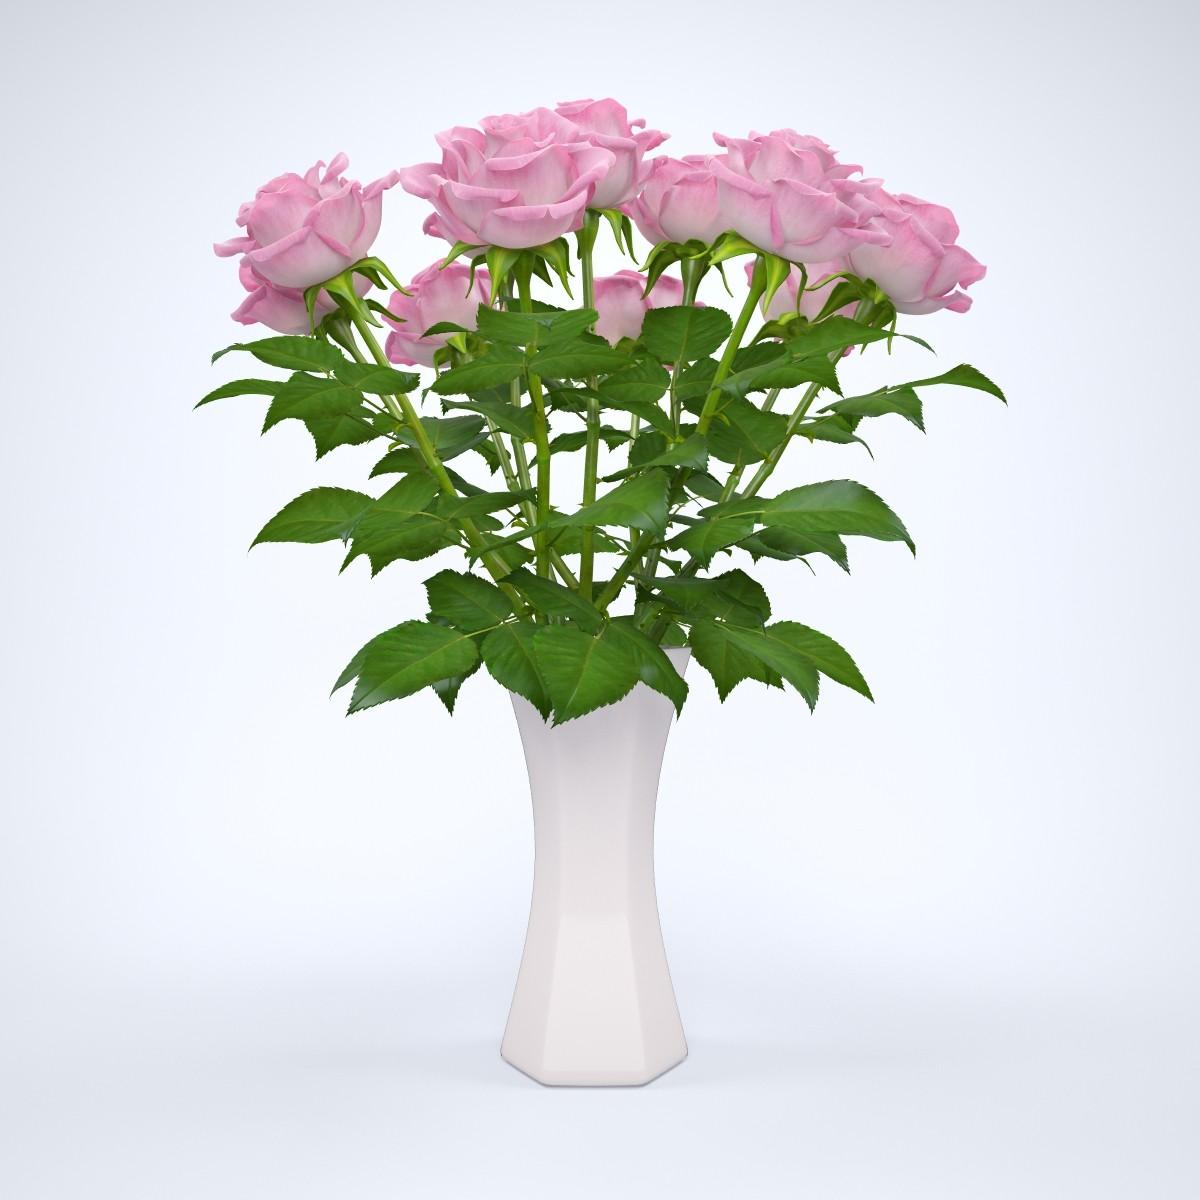 roses_vase2_1.jpg